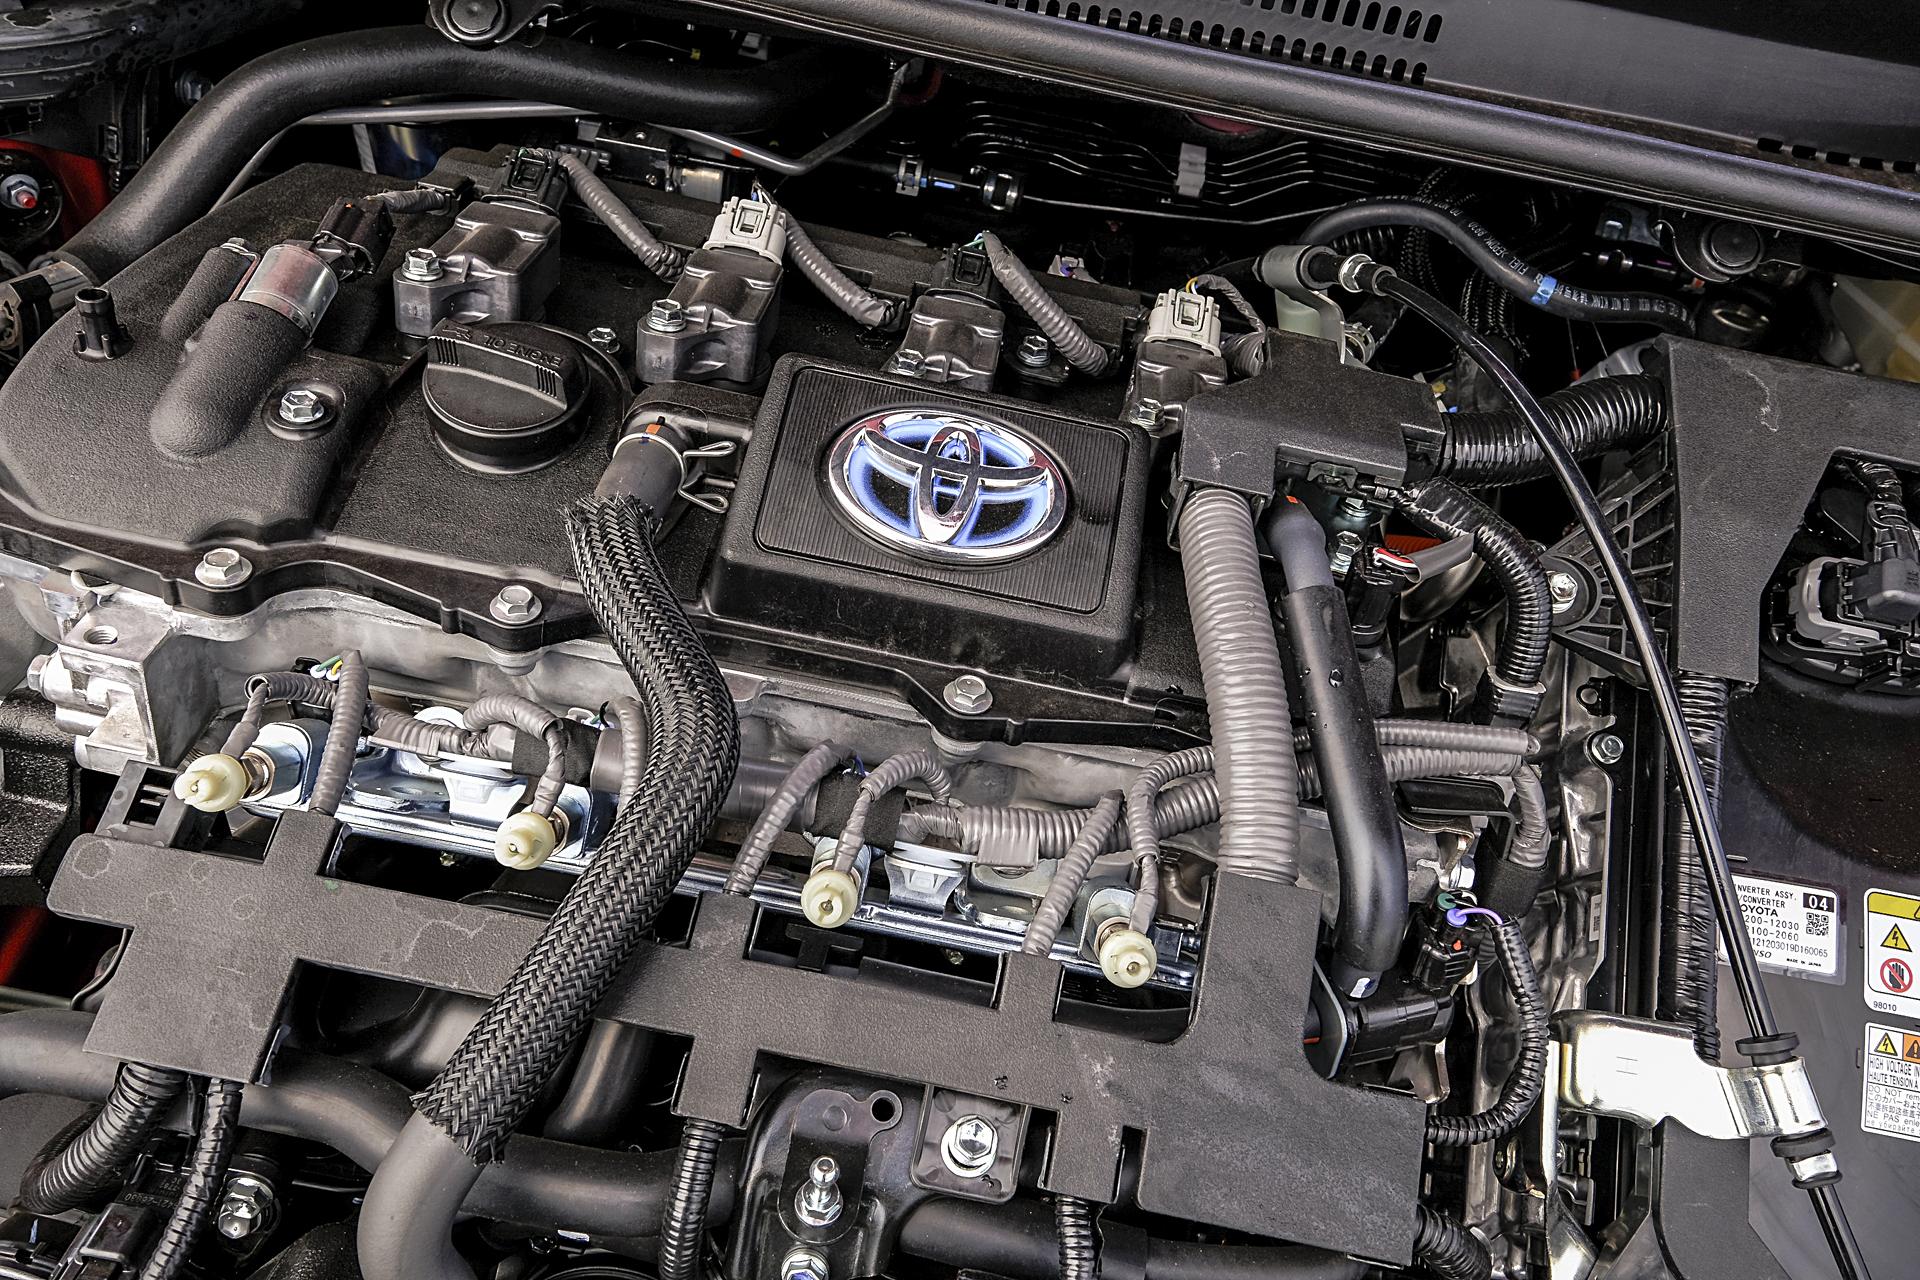 Motor a combustão tem até 101 cv de potência com etanol e é o mesmo há anos